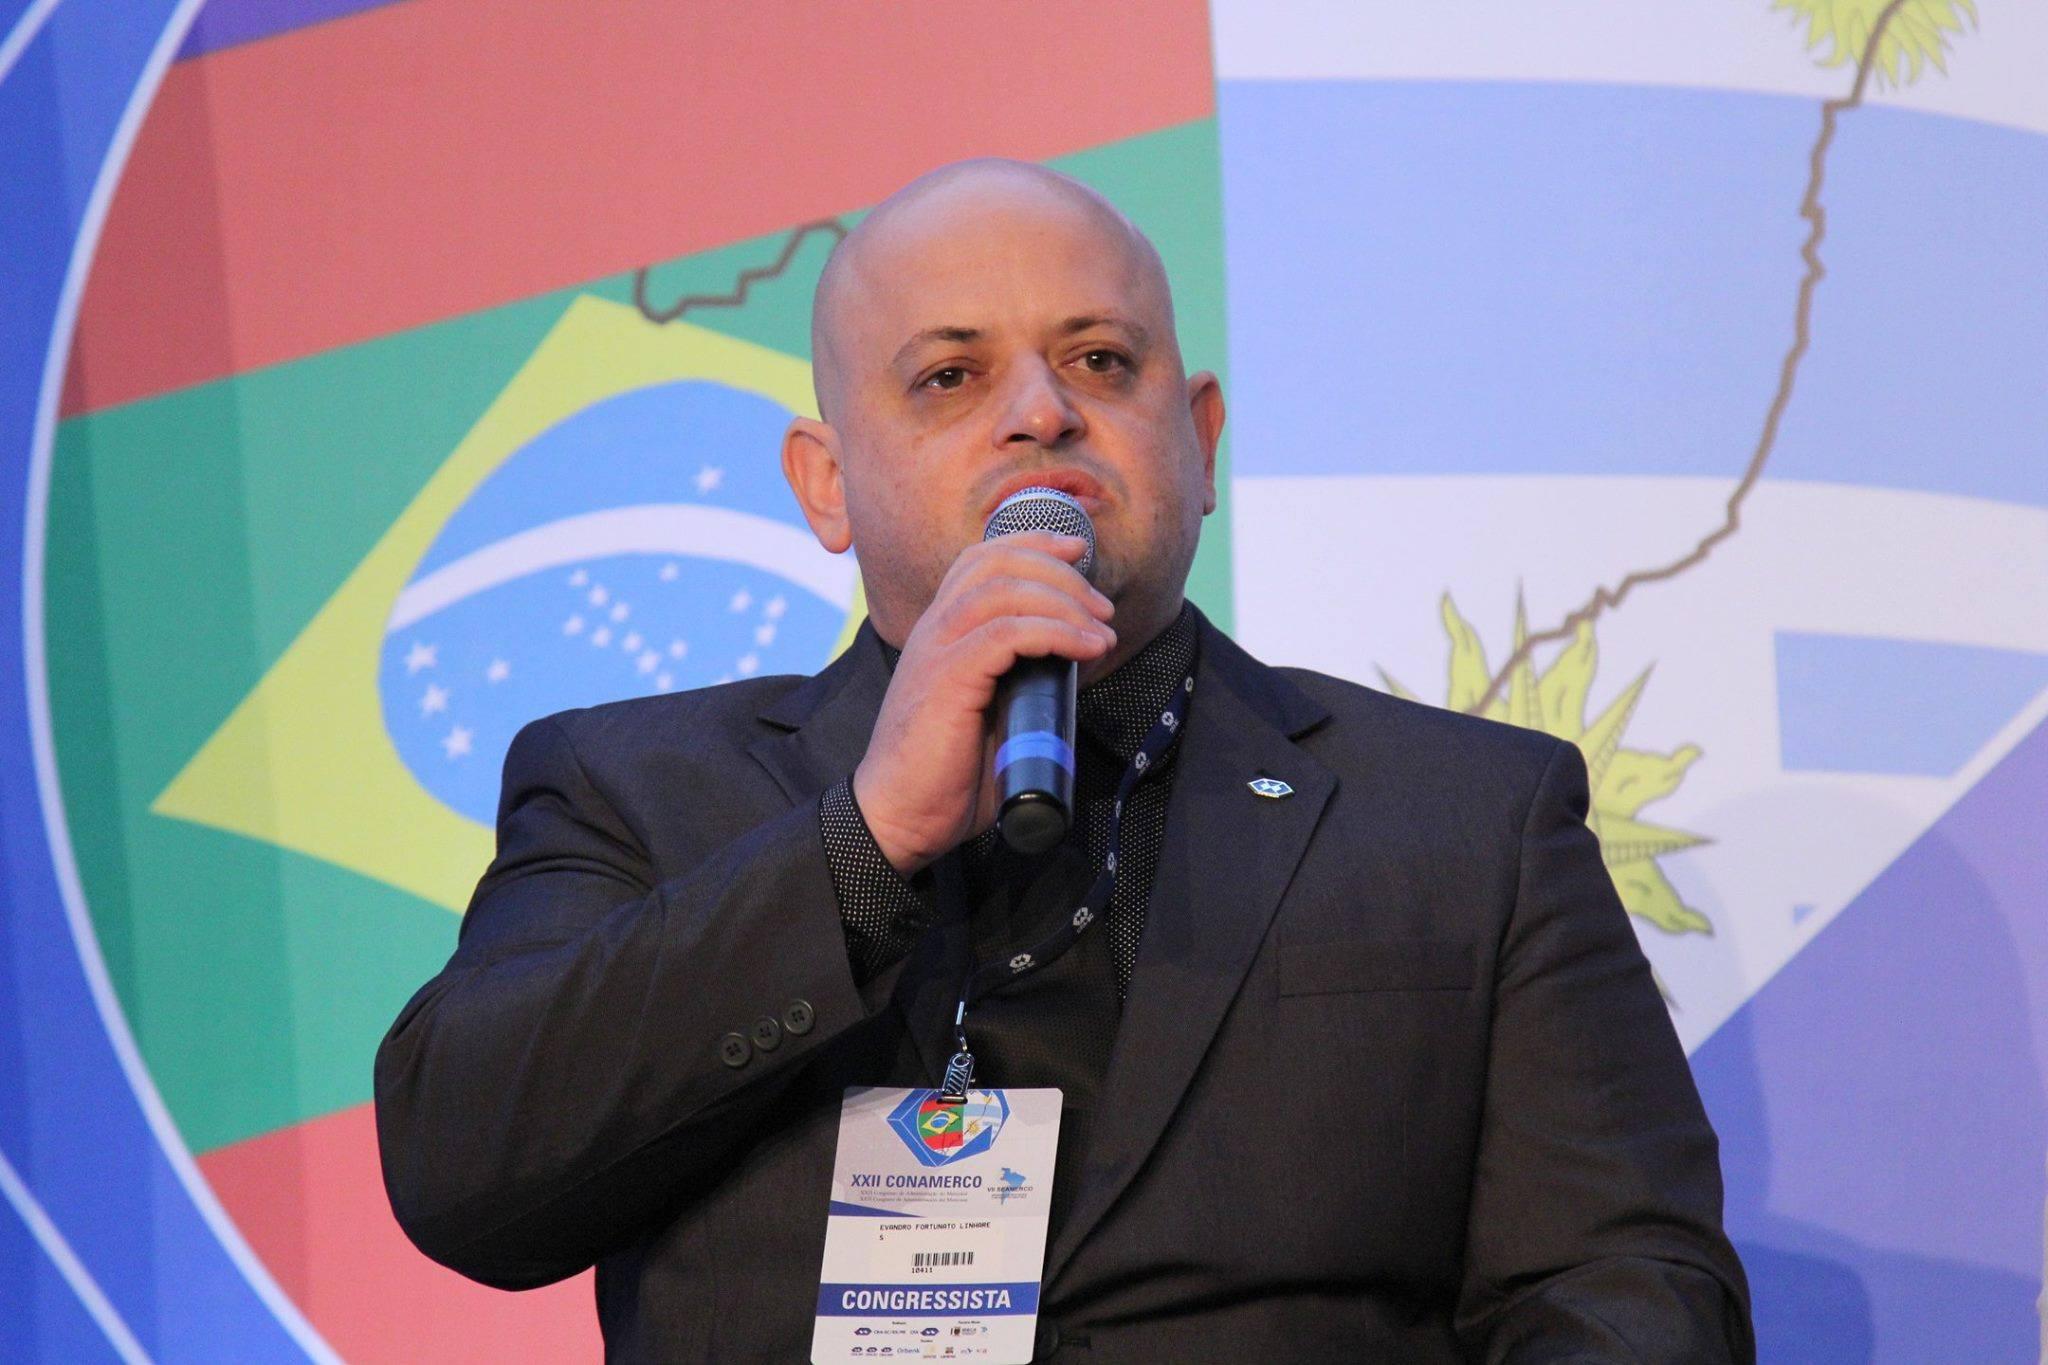 Evandro Linhares